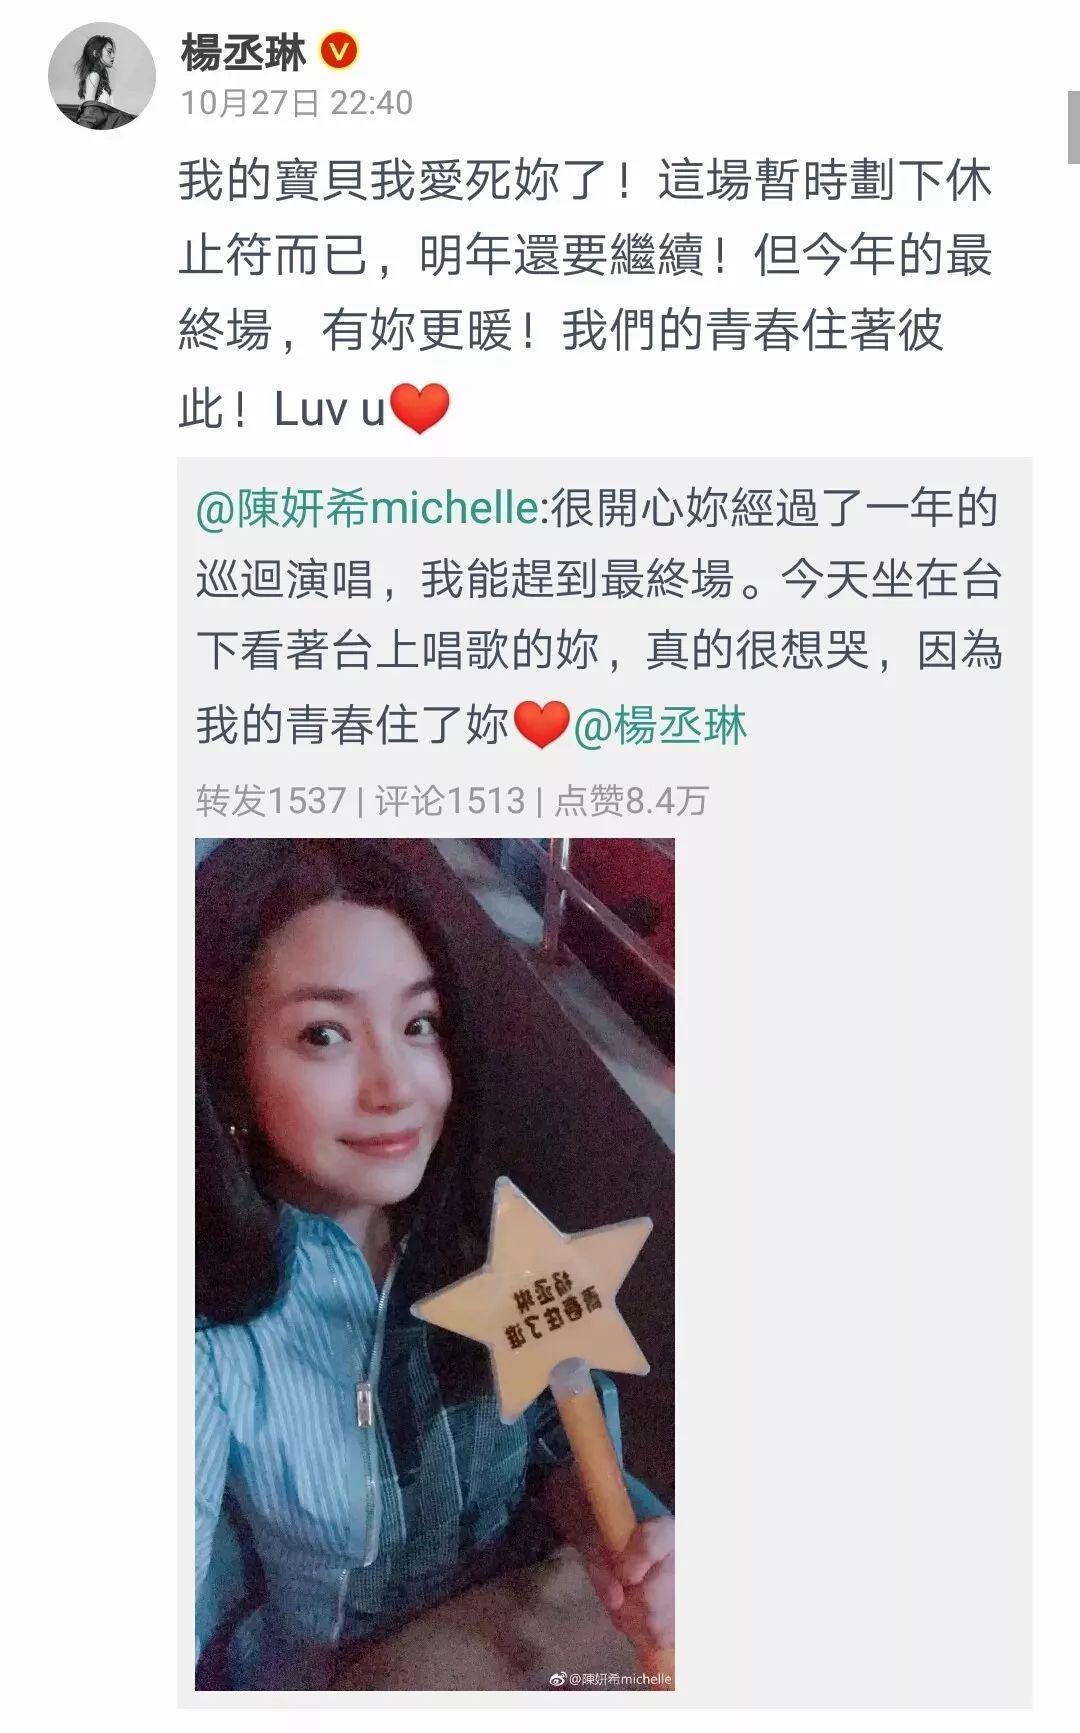 李咏因癌症去世哈文发文:永失我爱_凤凰彩票是真的吗